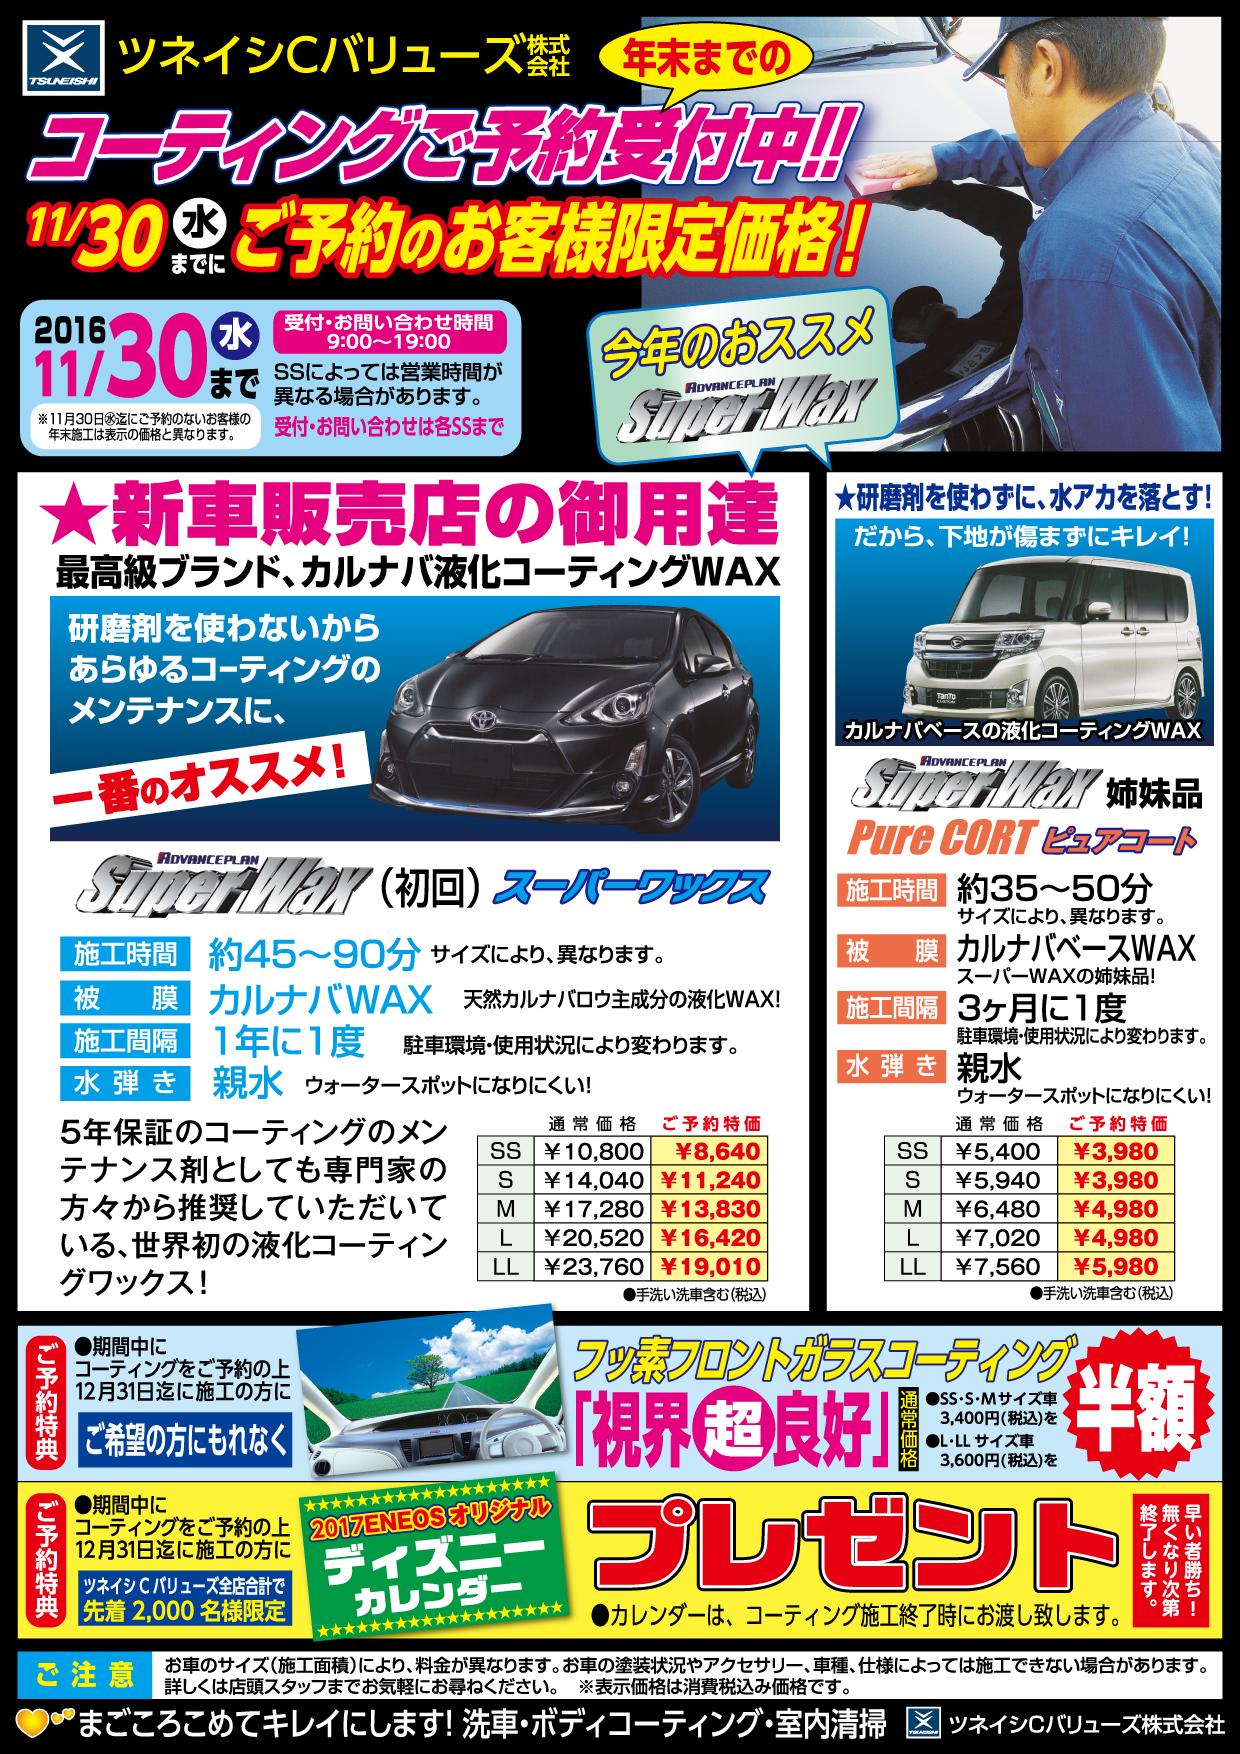 【Super Wax】年末のコーティング早期予約受付中!